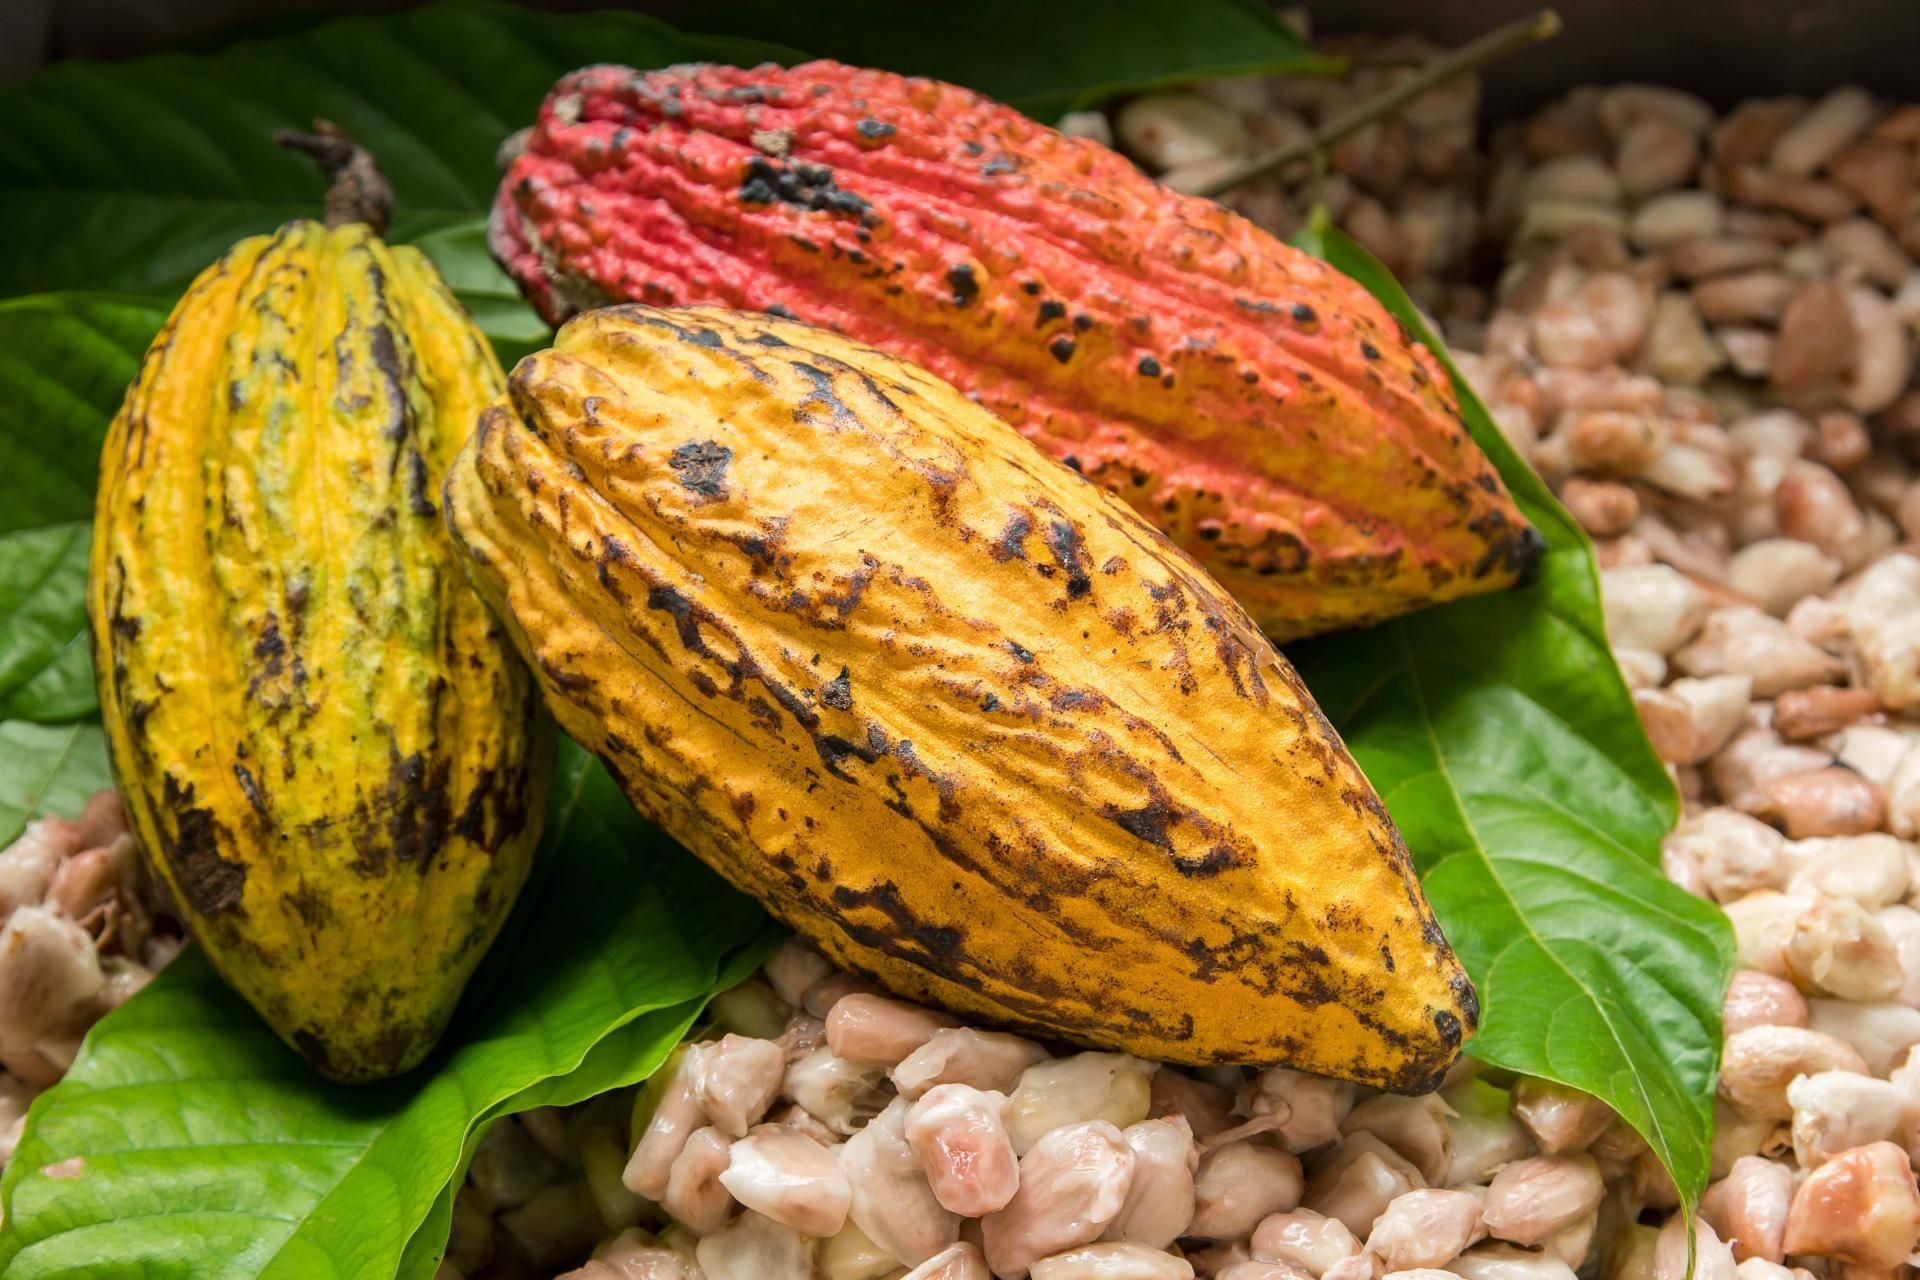 COCOA SEASON EXPLOITERS CAUTIONED